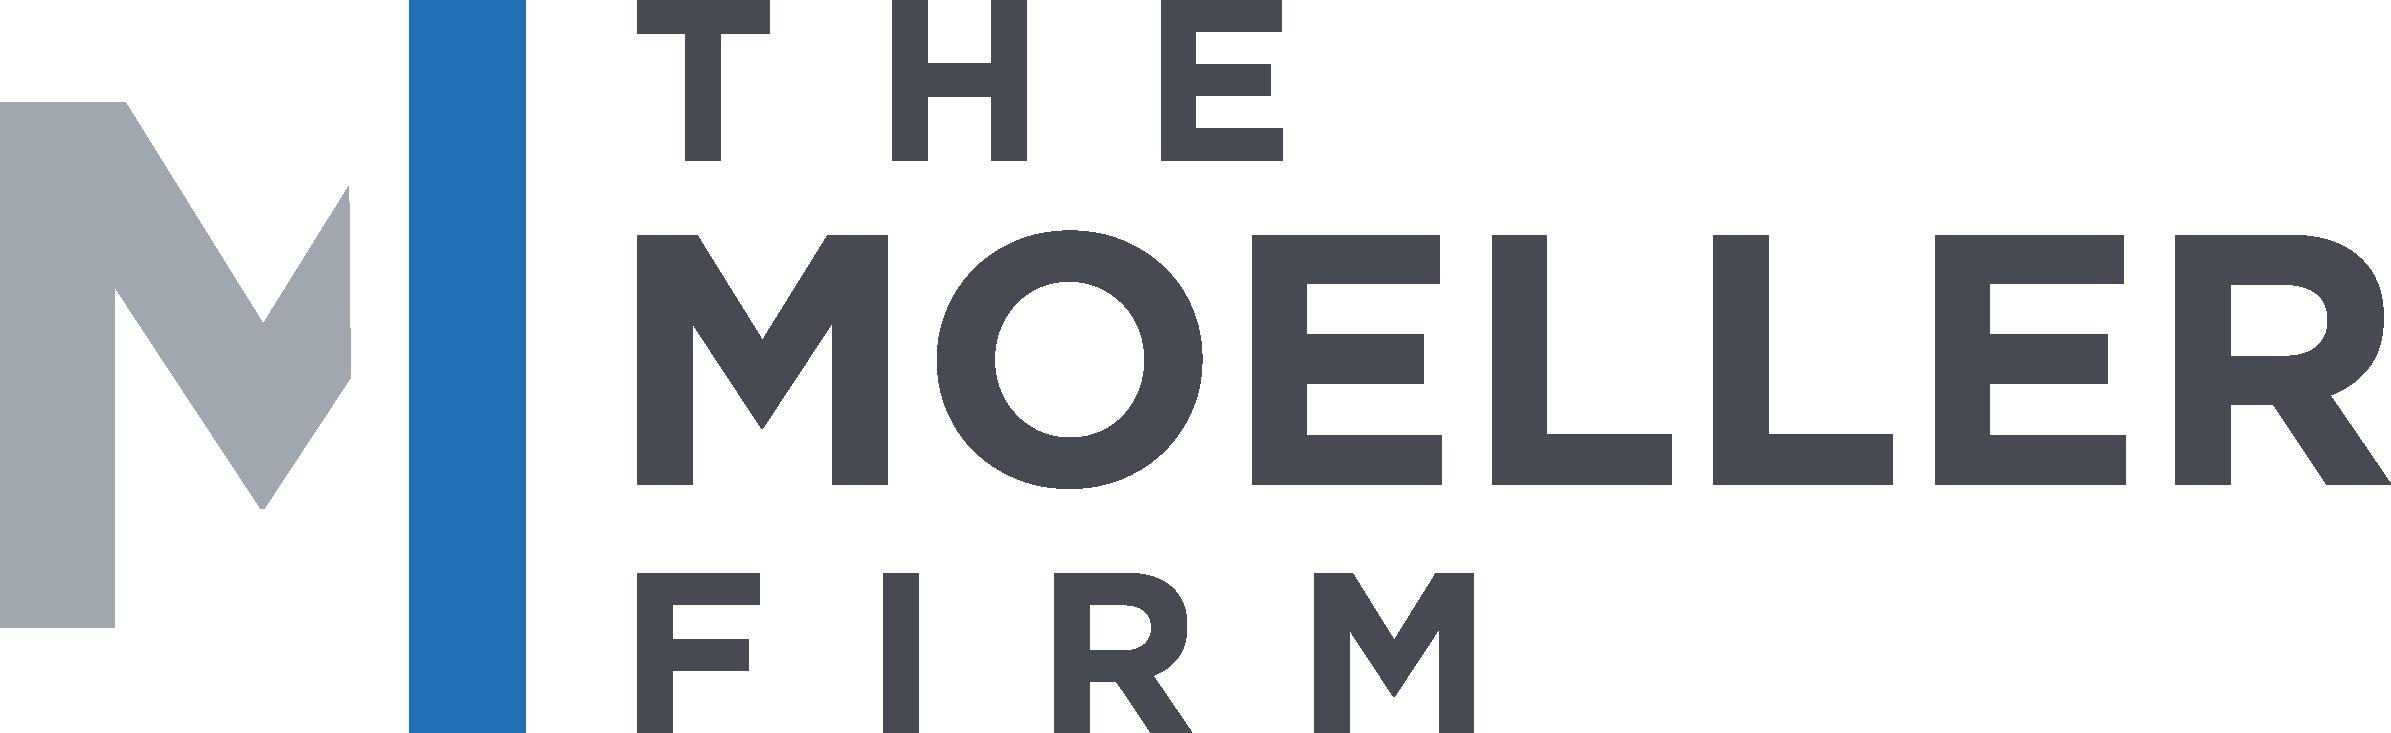 MOELLER_Firm_Logo_RGB.png